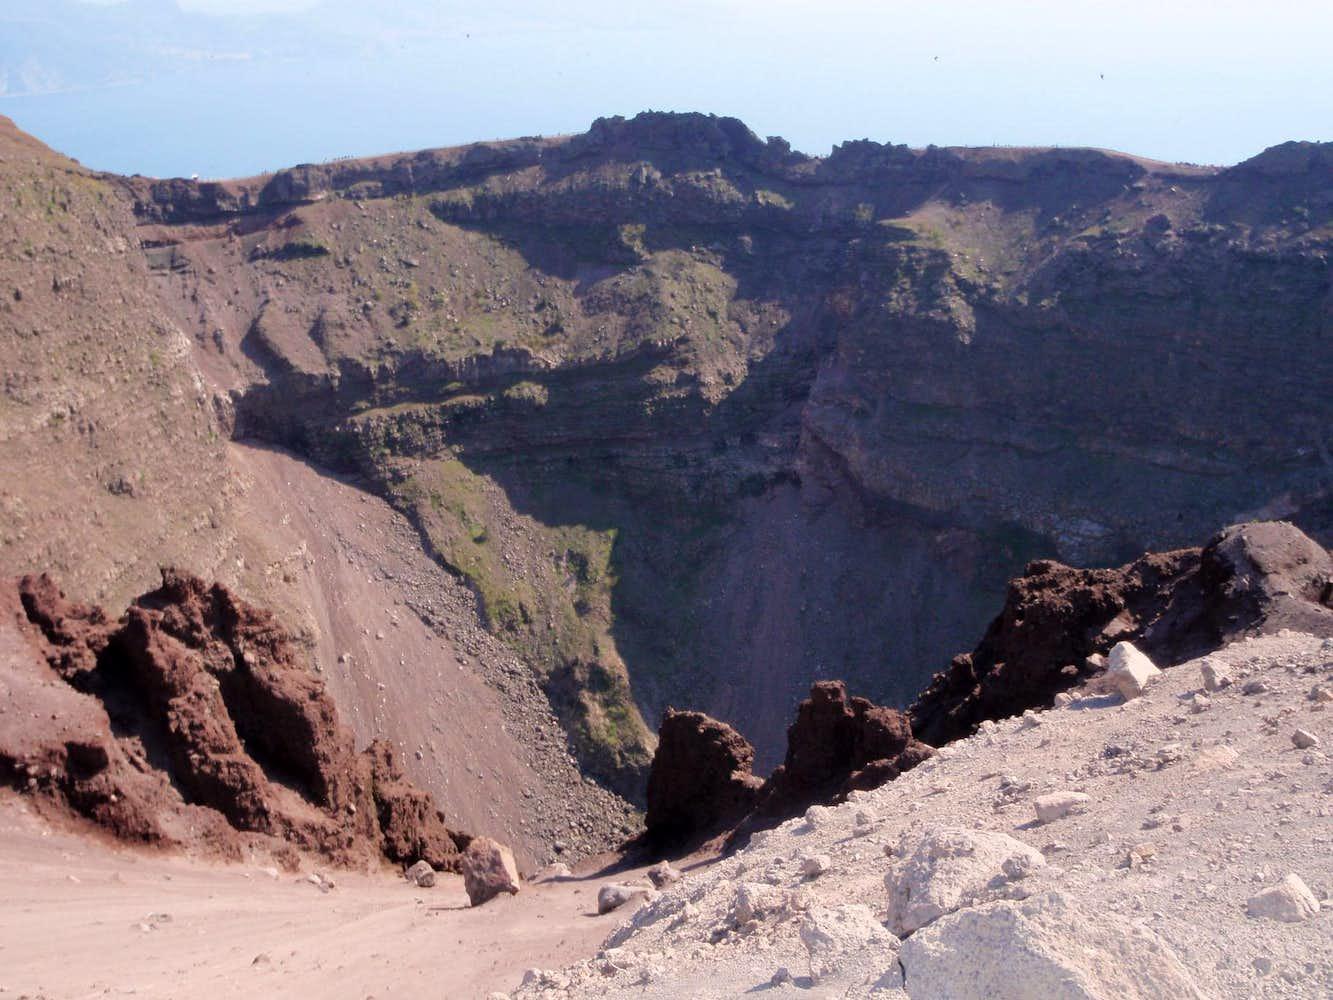 vesuvius caldera